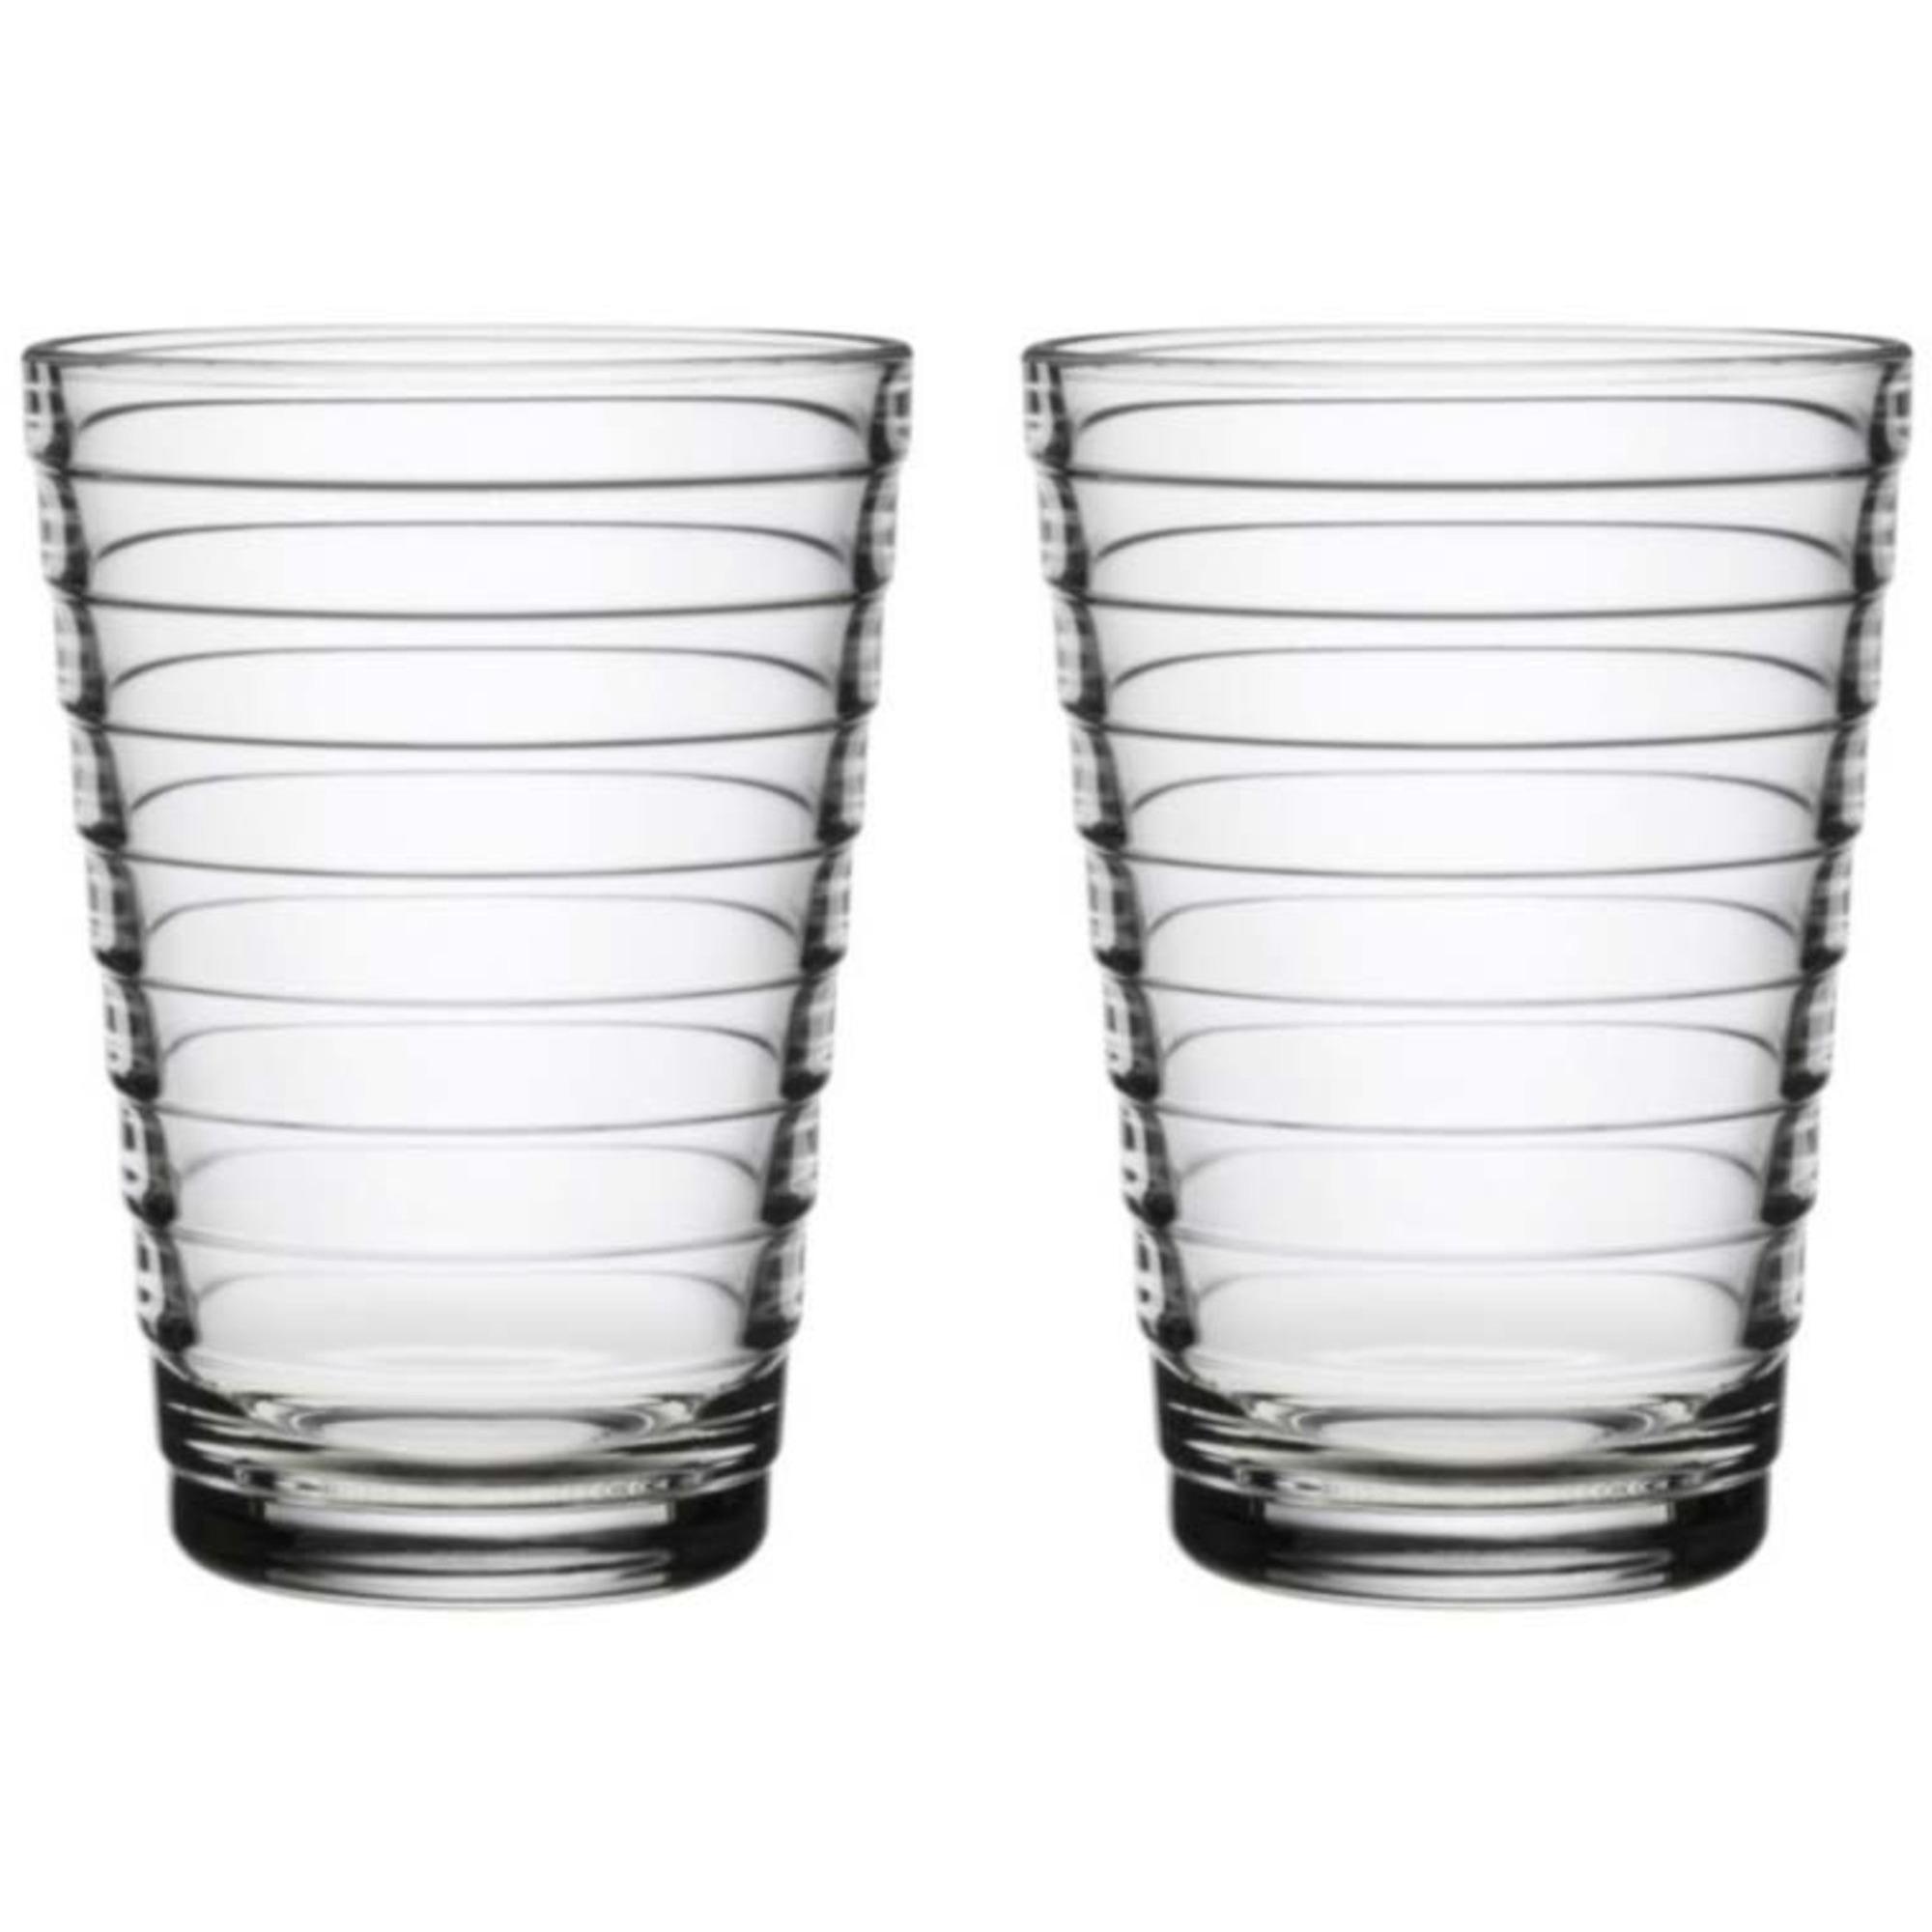 Iittala Aino Aalto Vattenglas Klar 33 cl 2 st